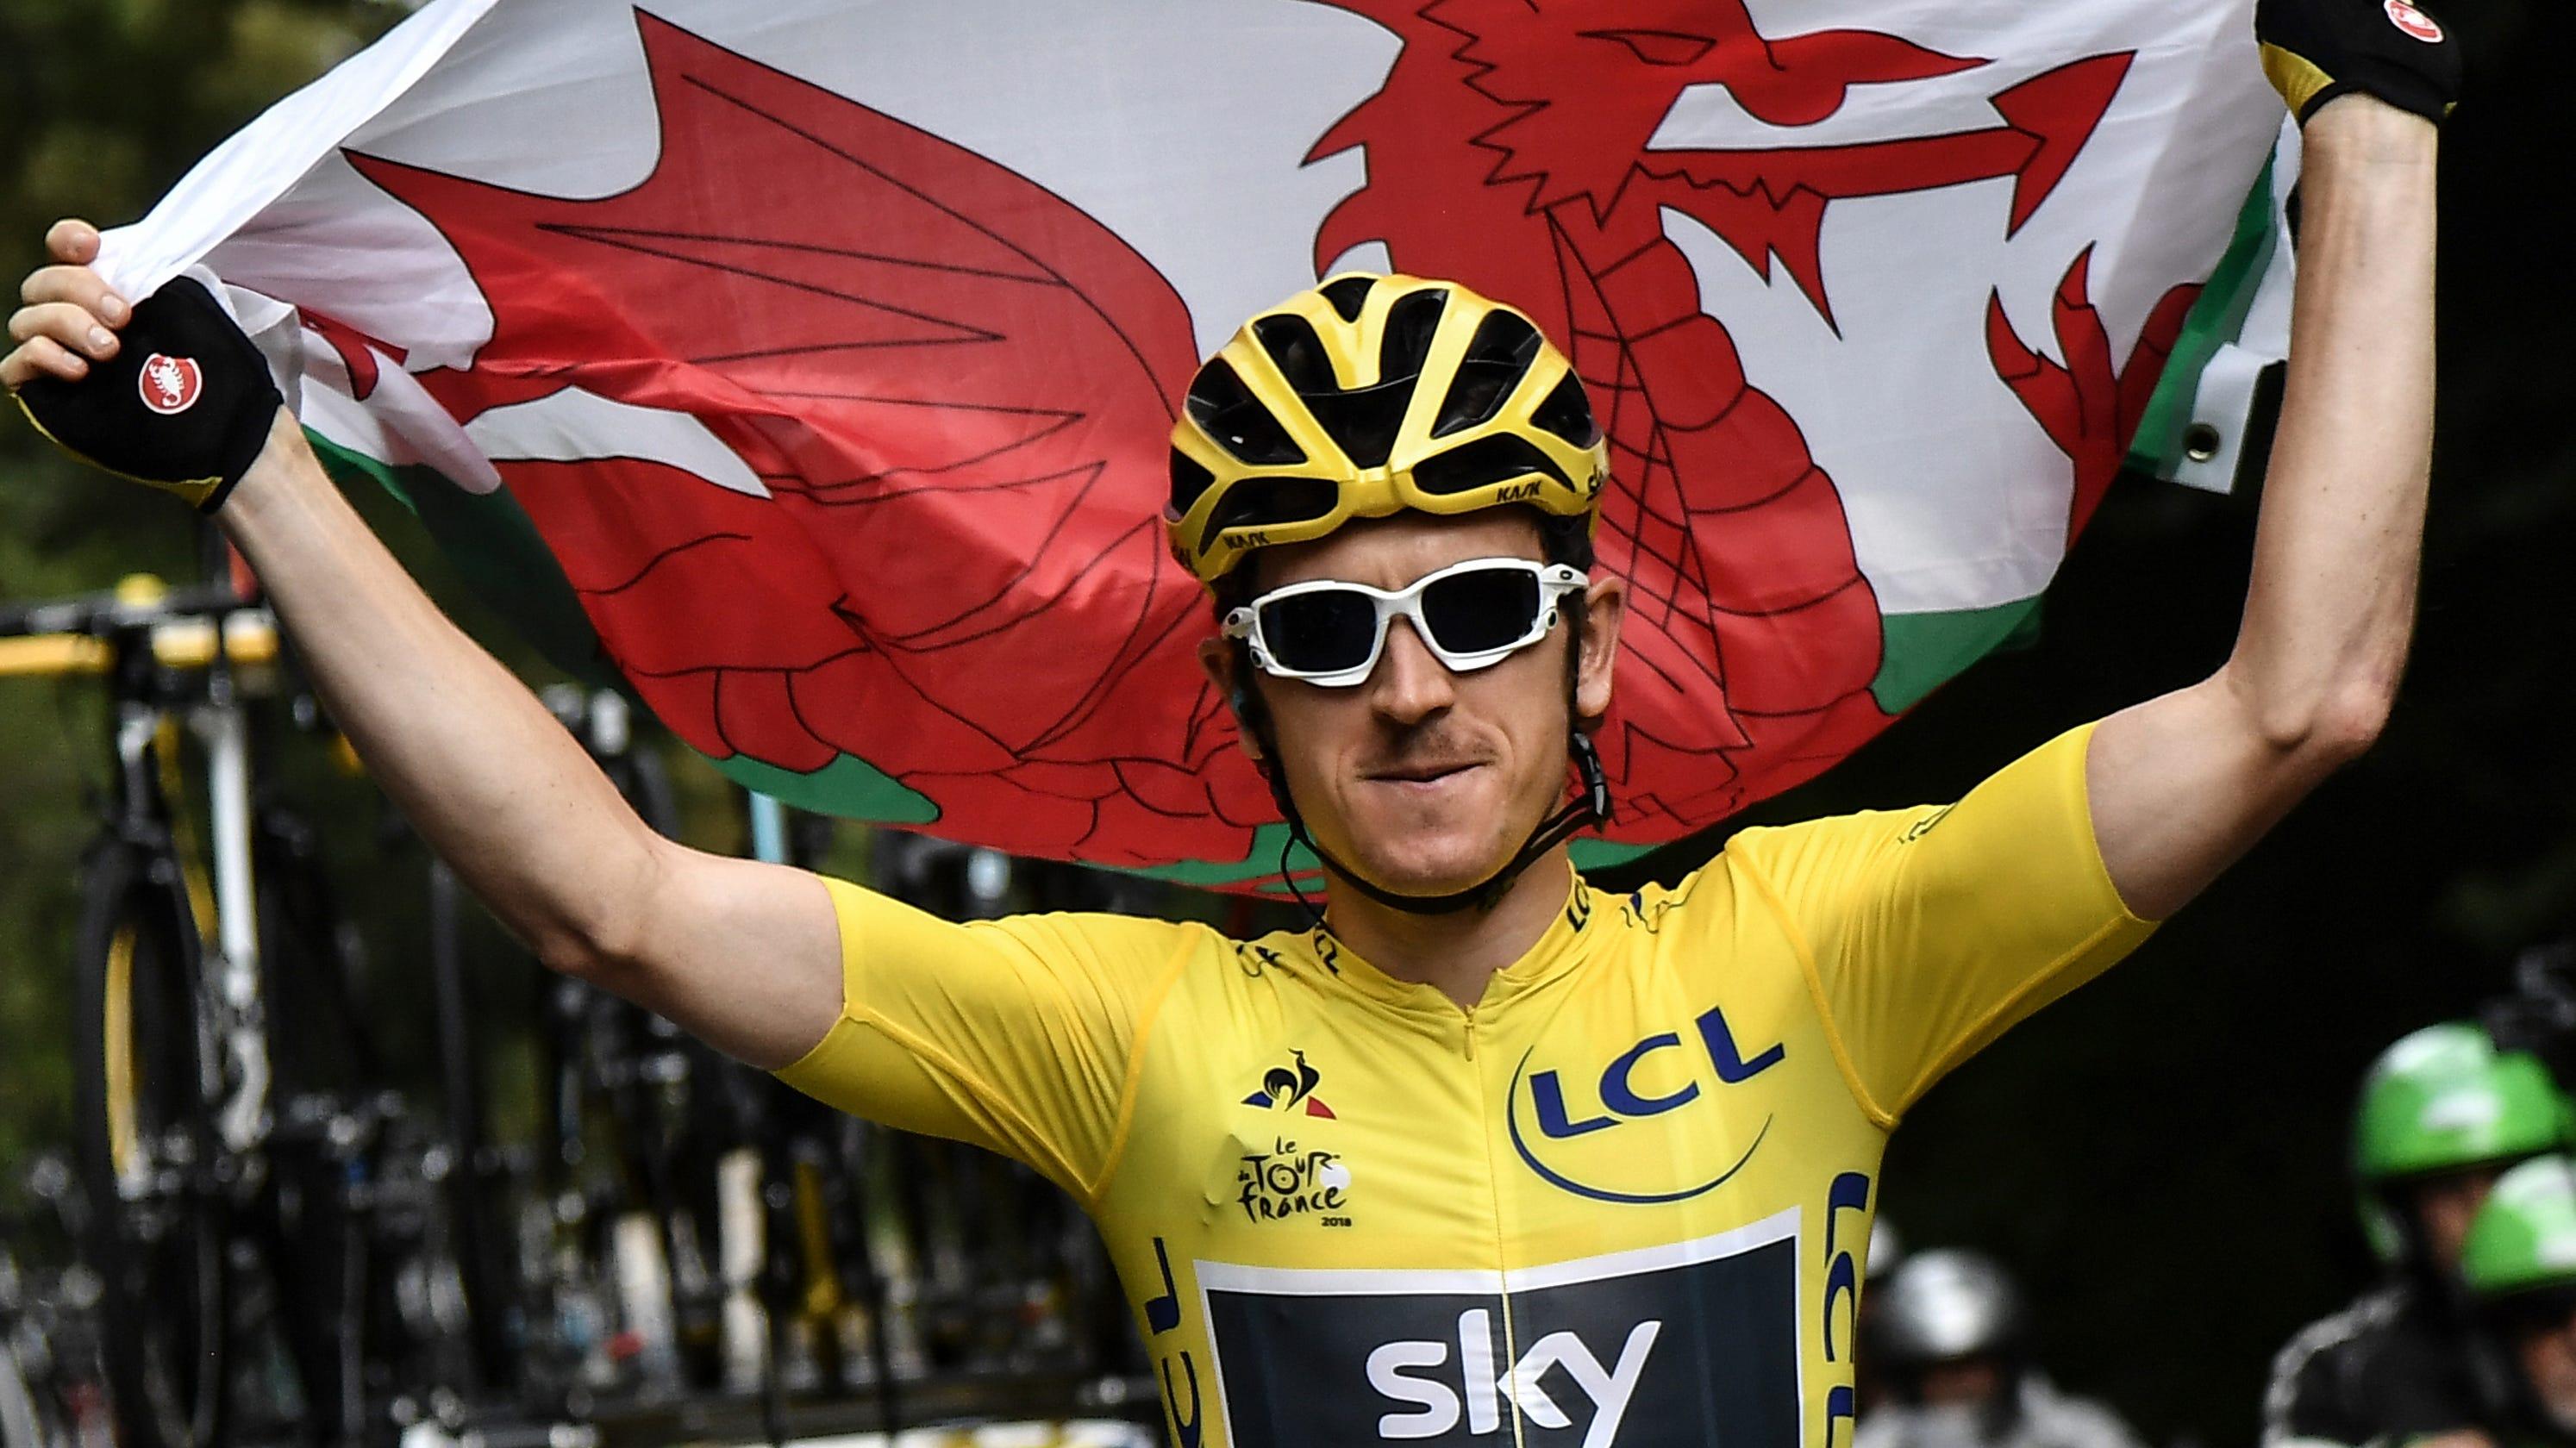 d2b4aceca Tour de France 2018  Geraint Thomas makes history with title